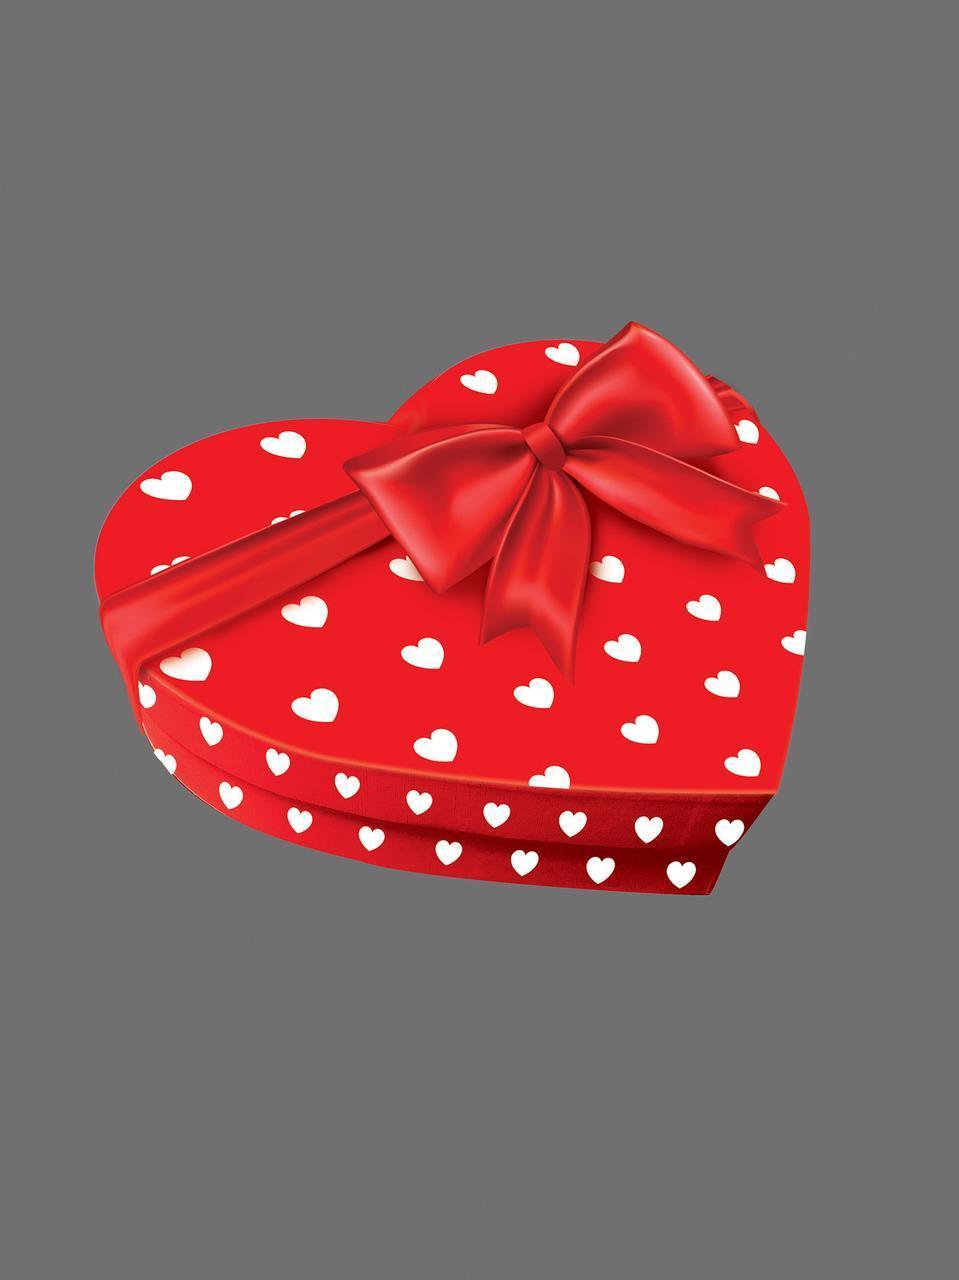 Подарочная коробка Сердце - от сердца к сердцу с декором